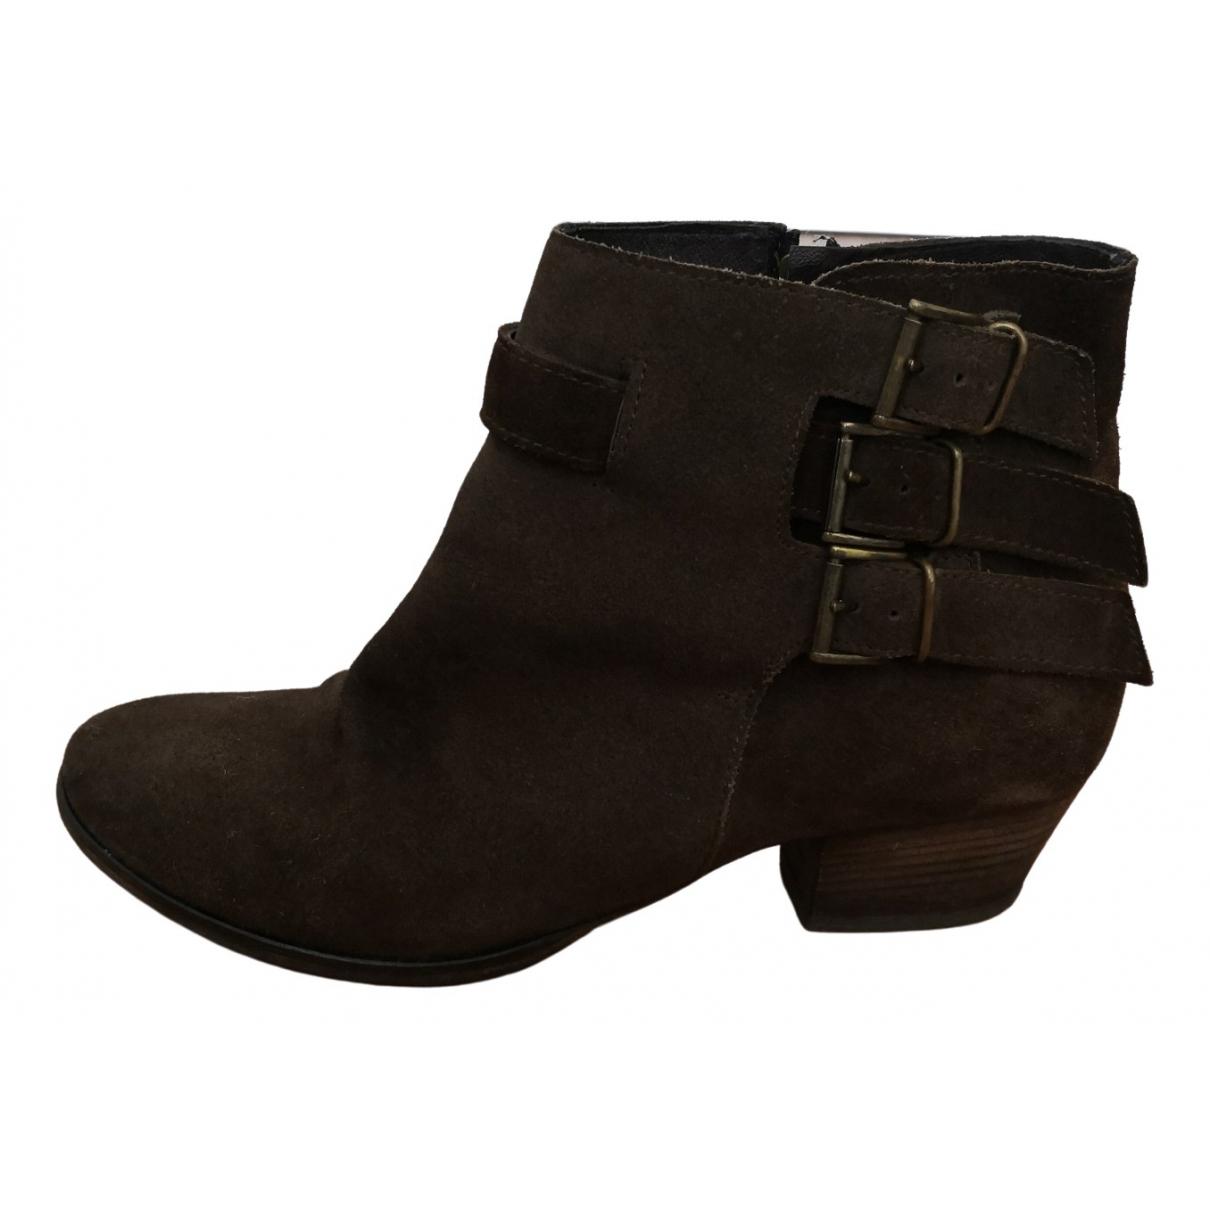 Maje - Boots   pour femme en suede - marron